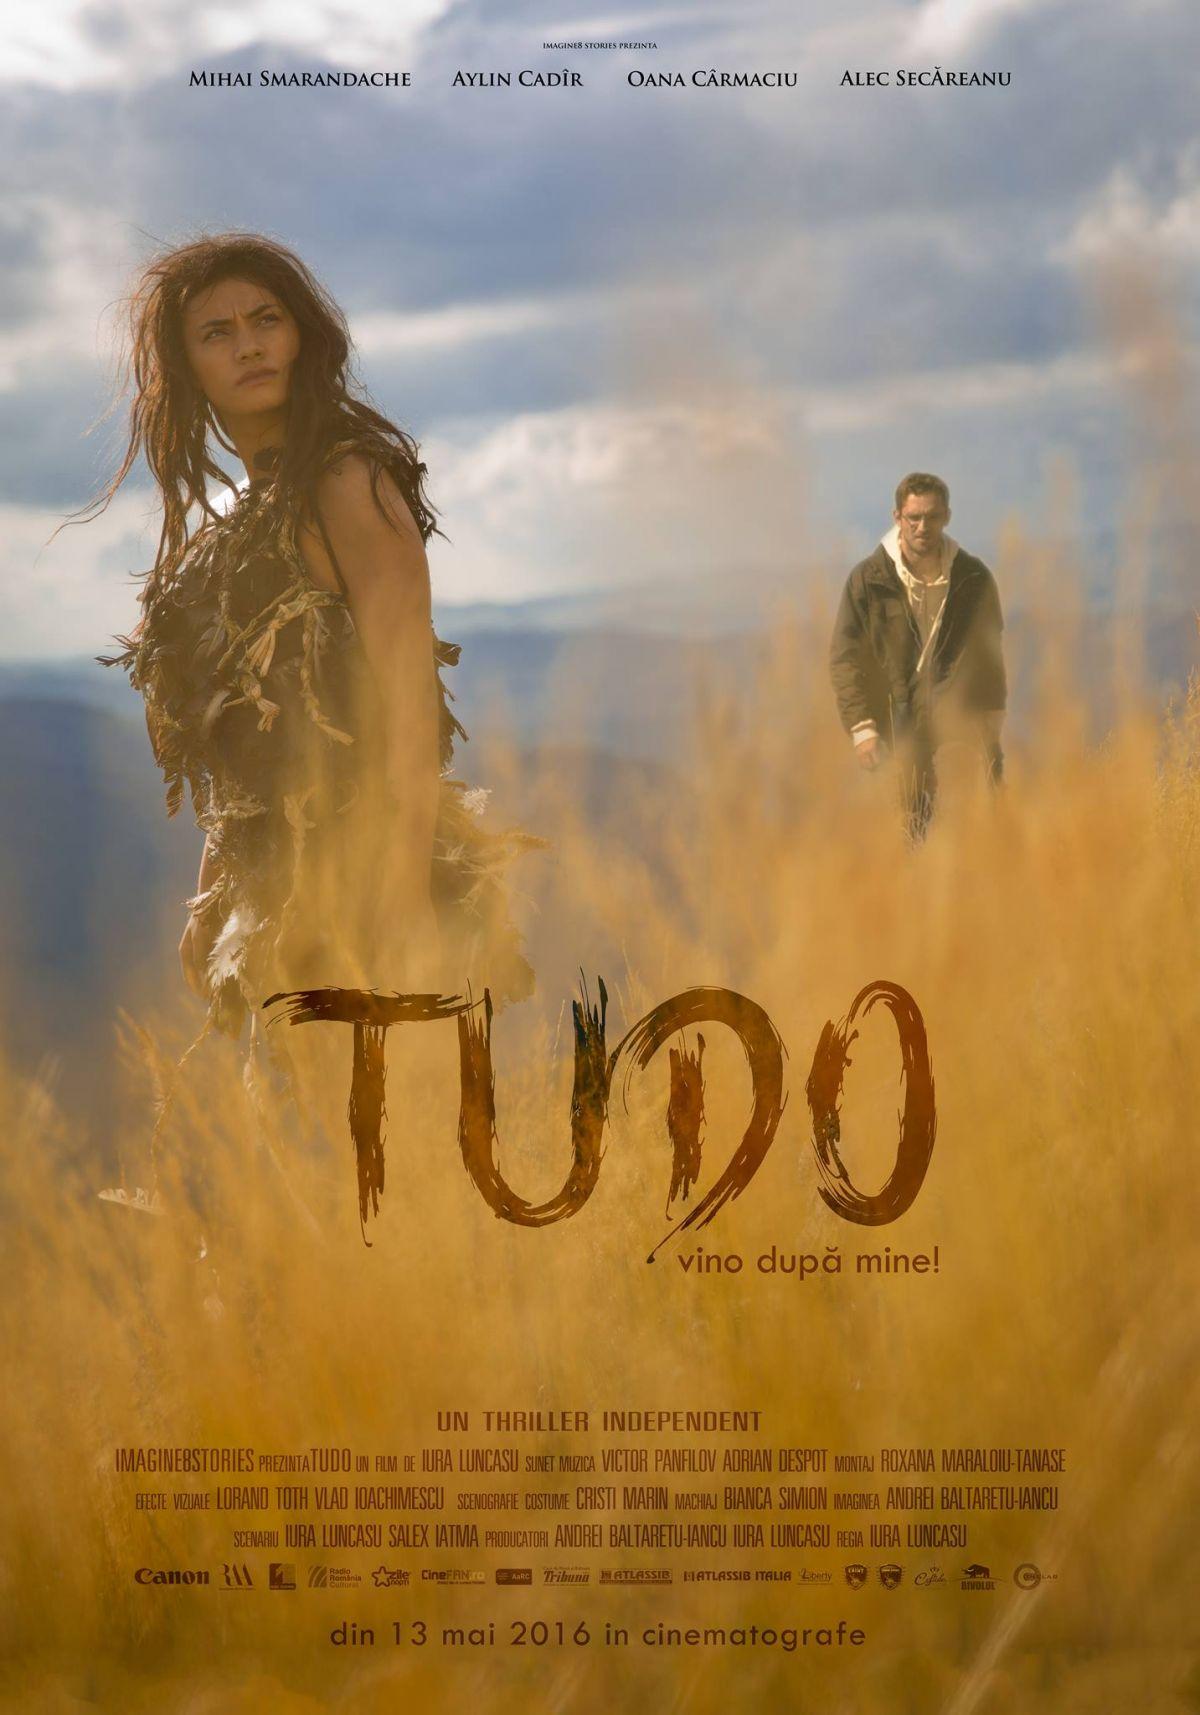 """""""Tudo"""", un altfel de film romanesc, din 13 mai in cinematografe"""